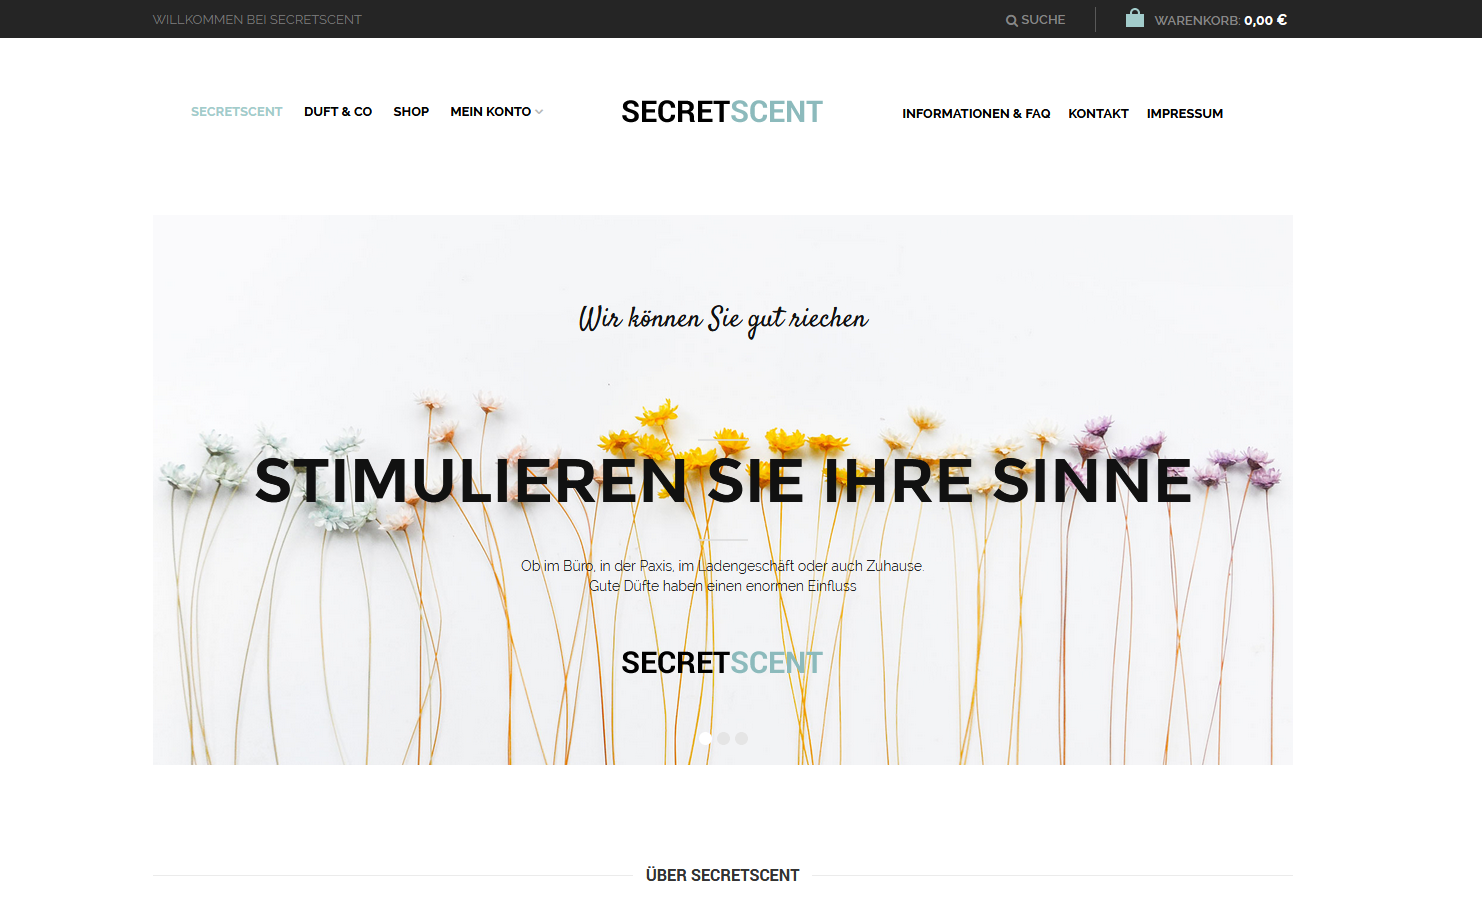 Secret Scent